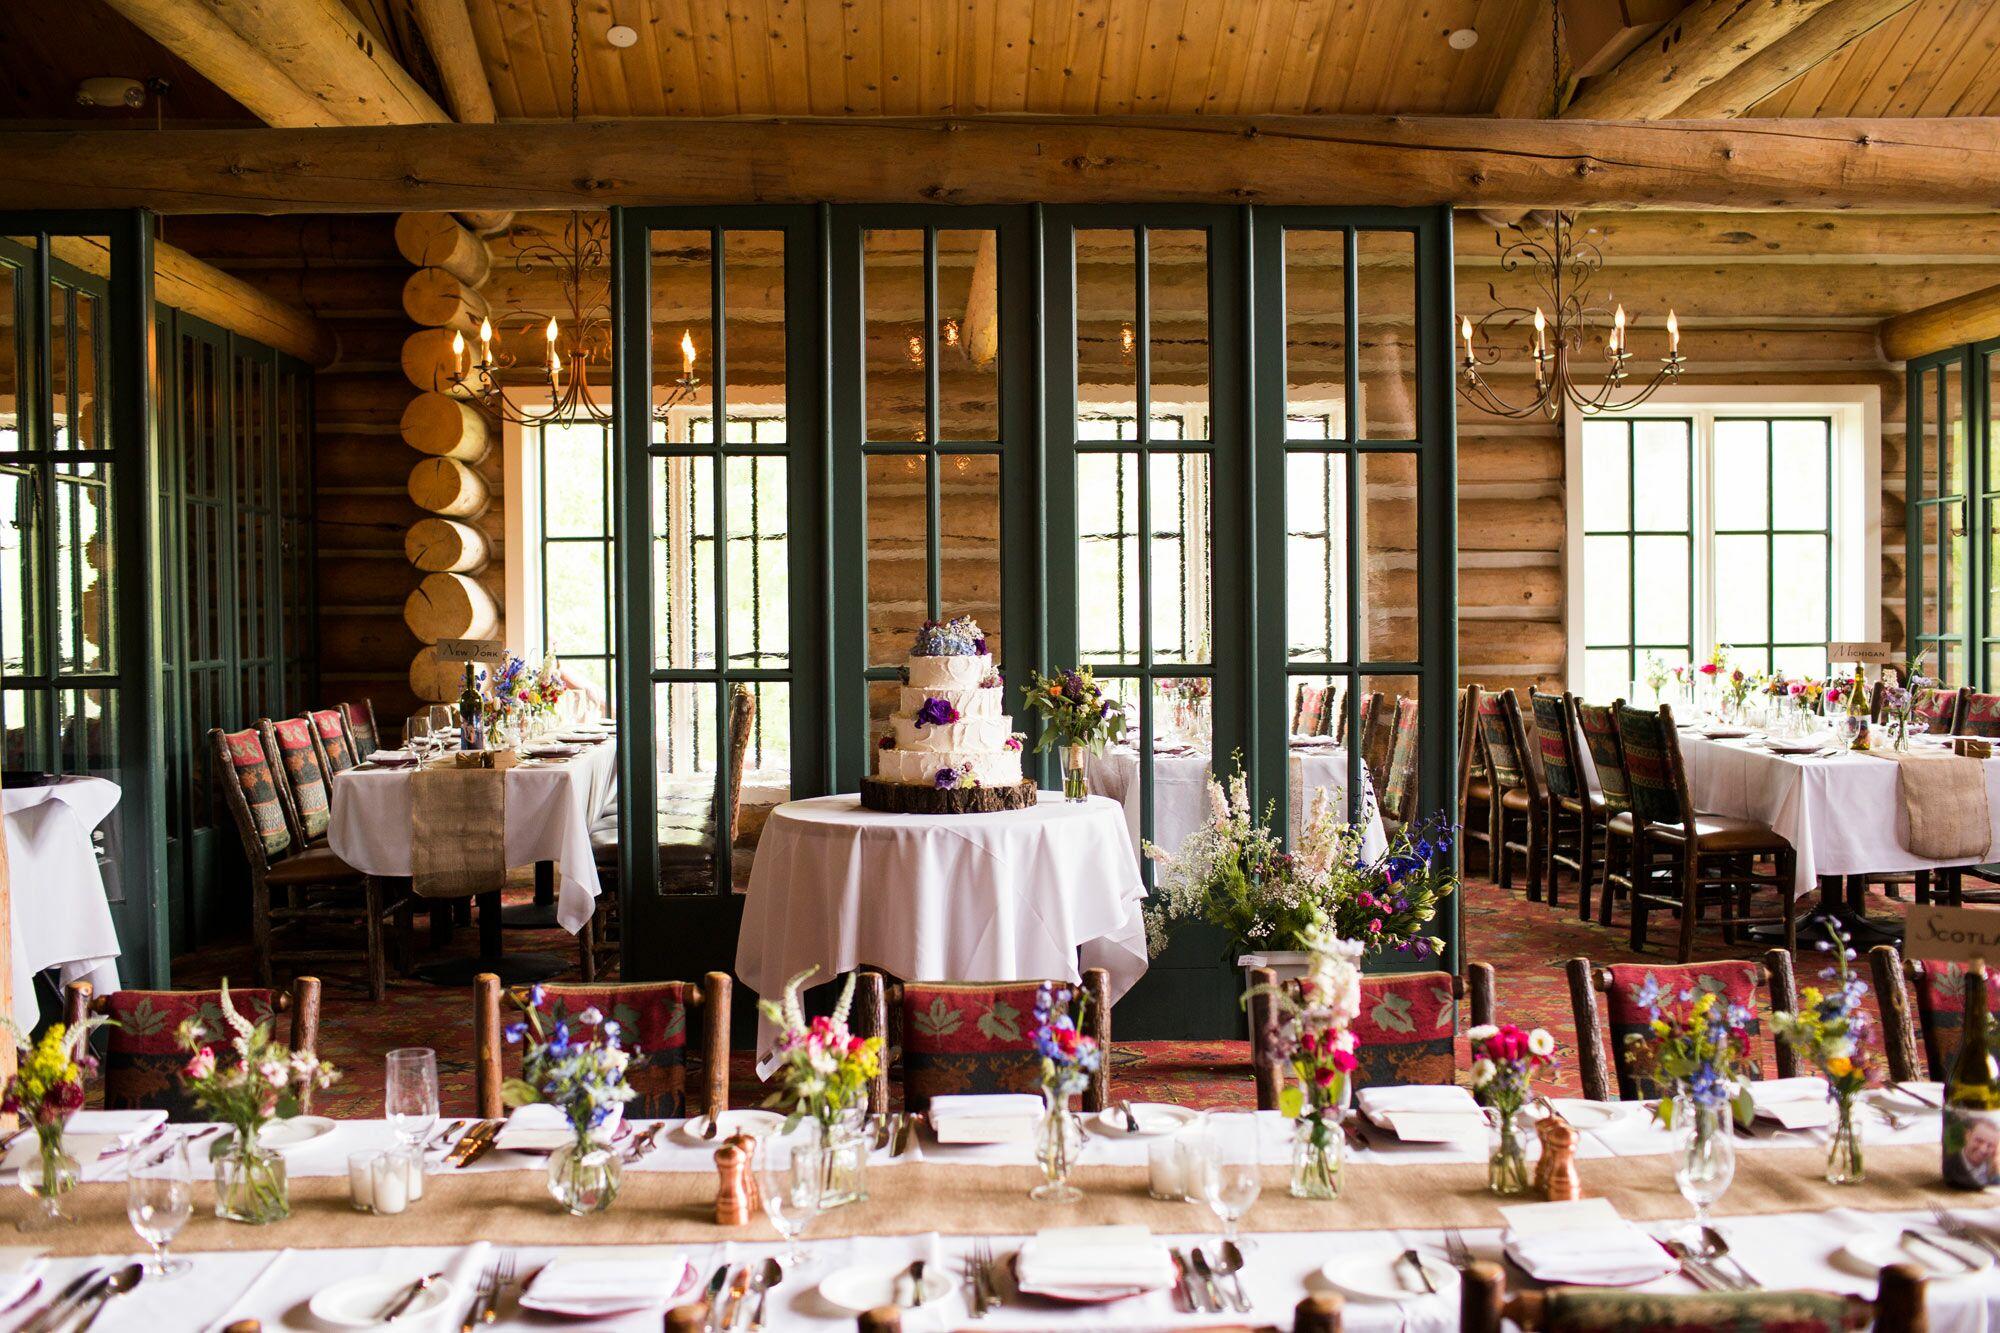 Beanou0026#39;s Cabin Reception Venue